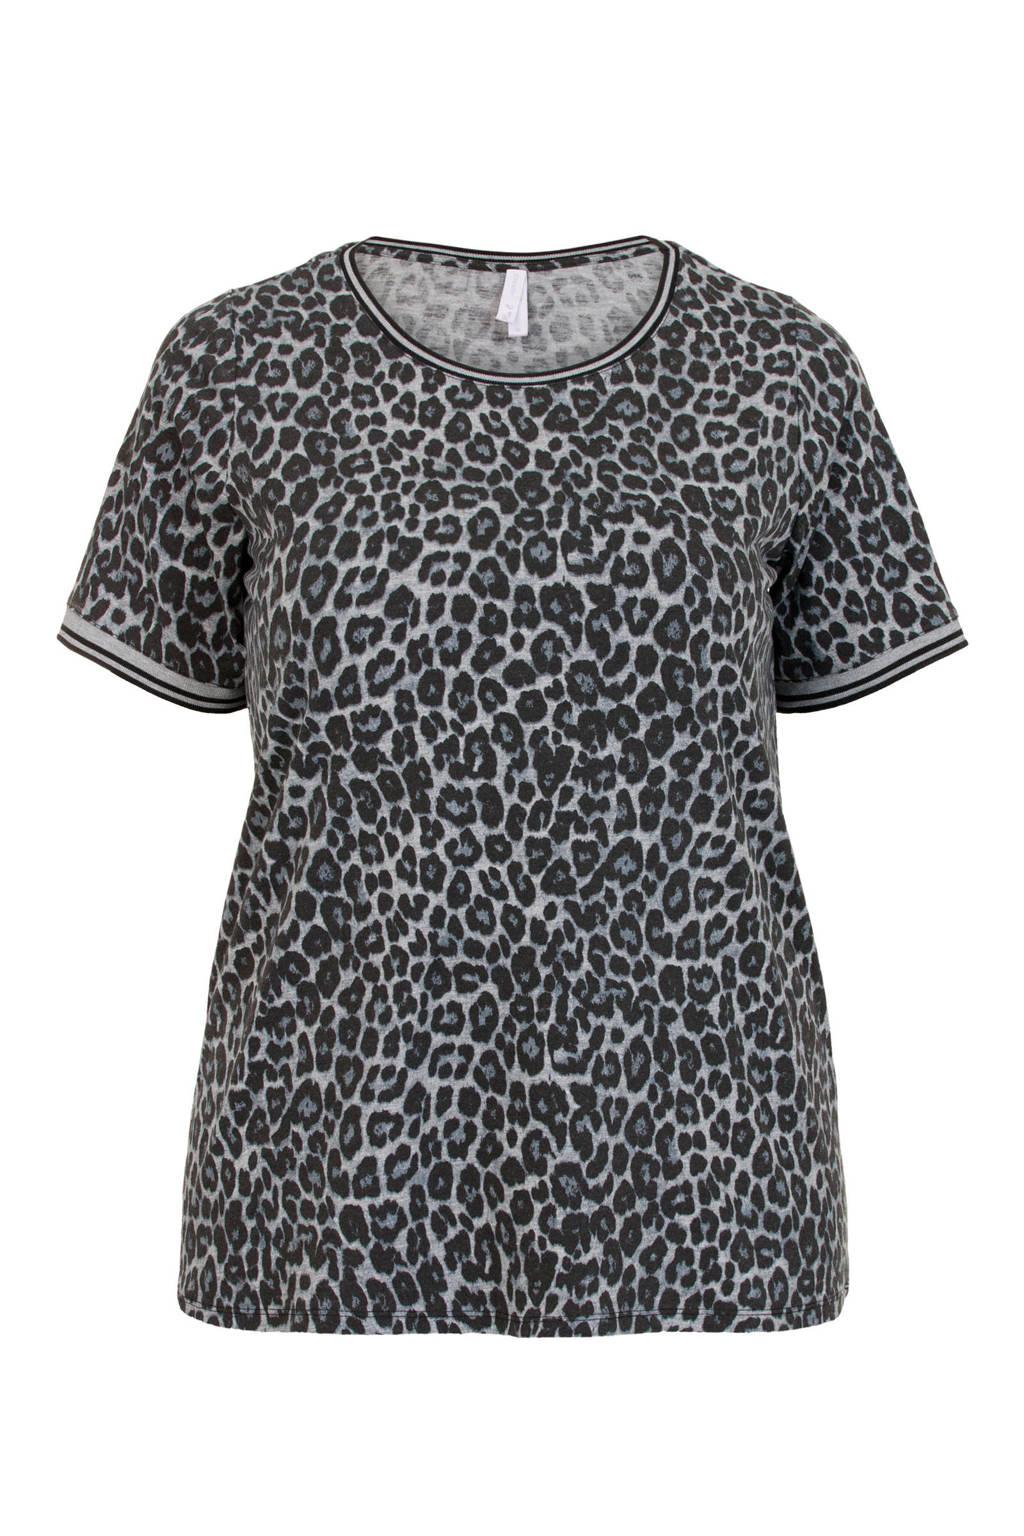 Miss Etam Plus T-shirt met all over print grijs, Grijs